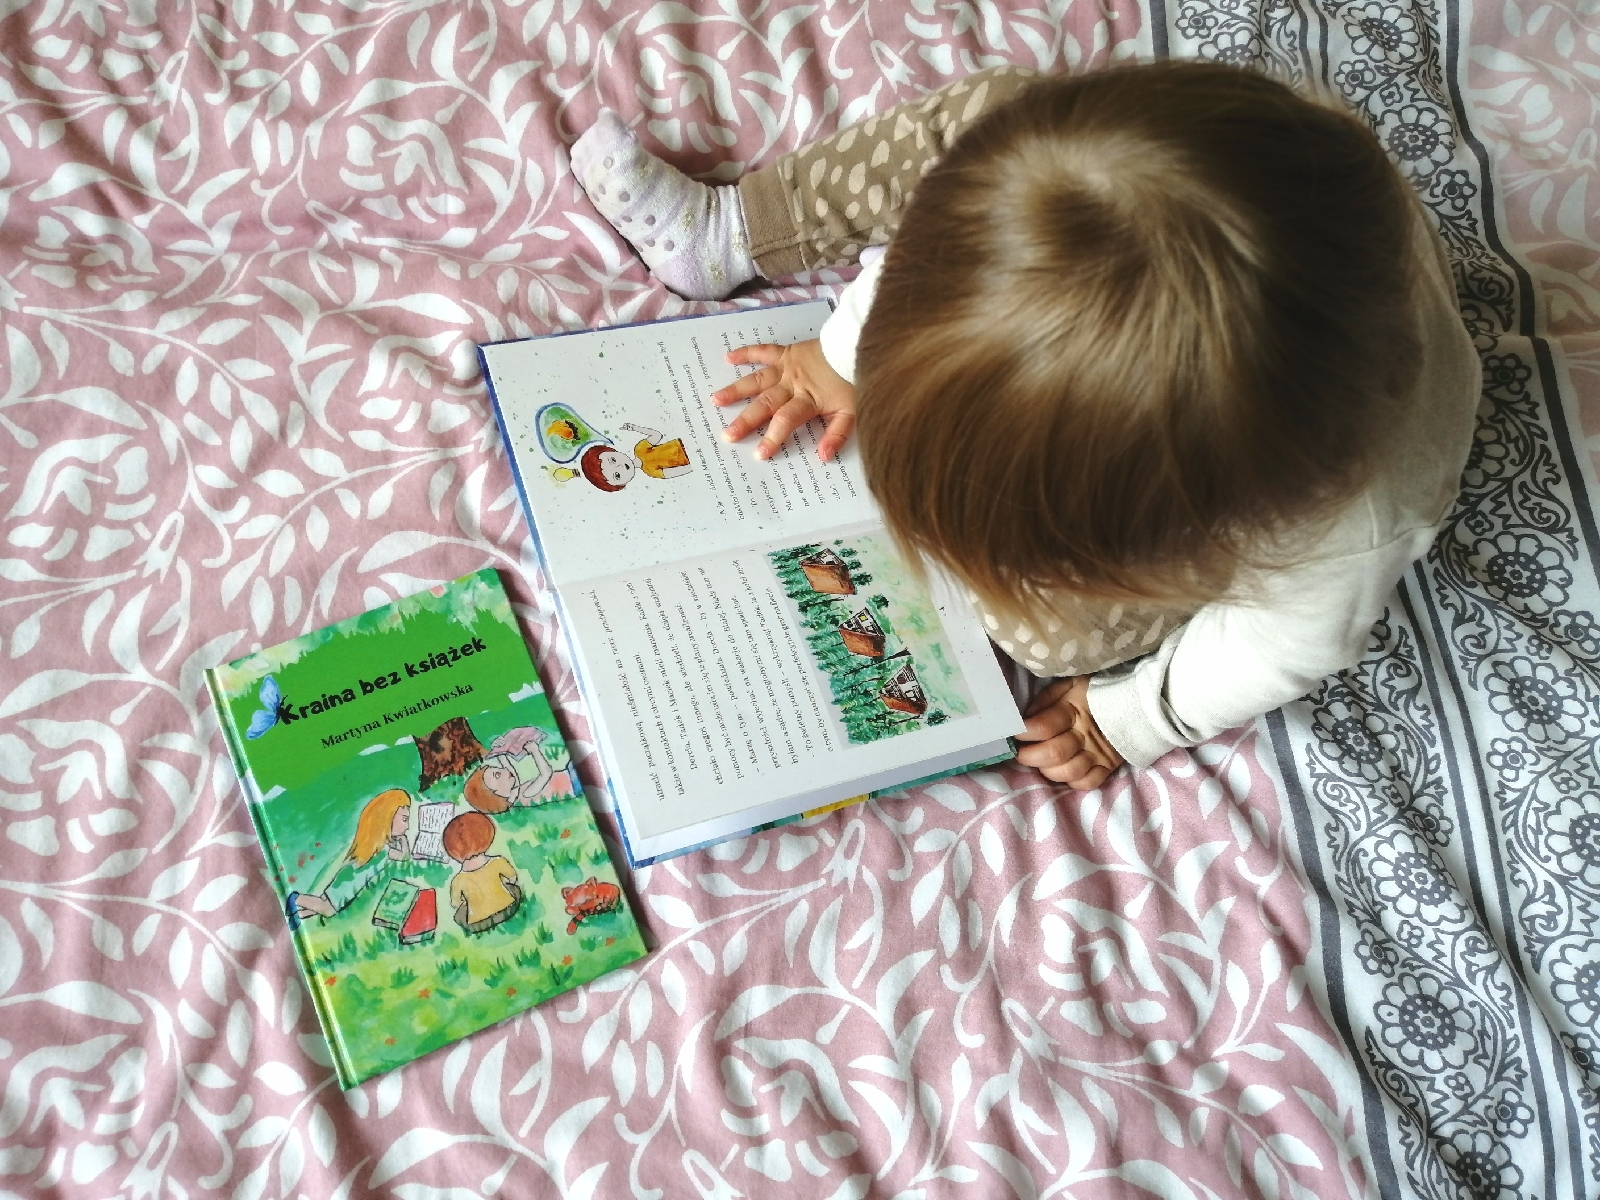 Dlaczego warto czytać dzieciom?